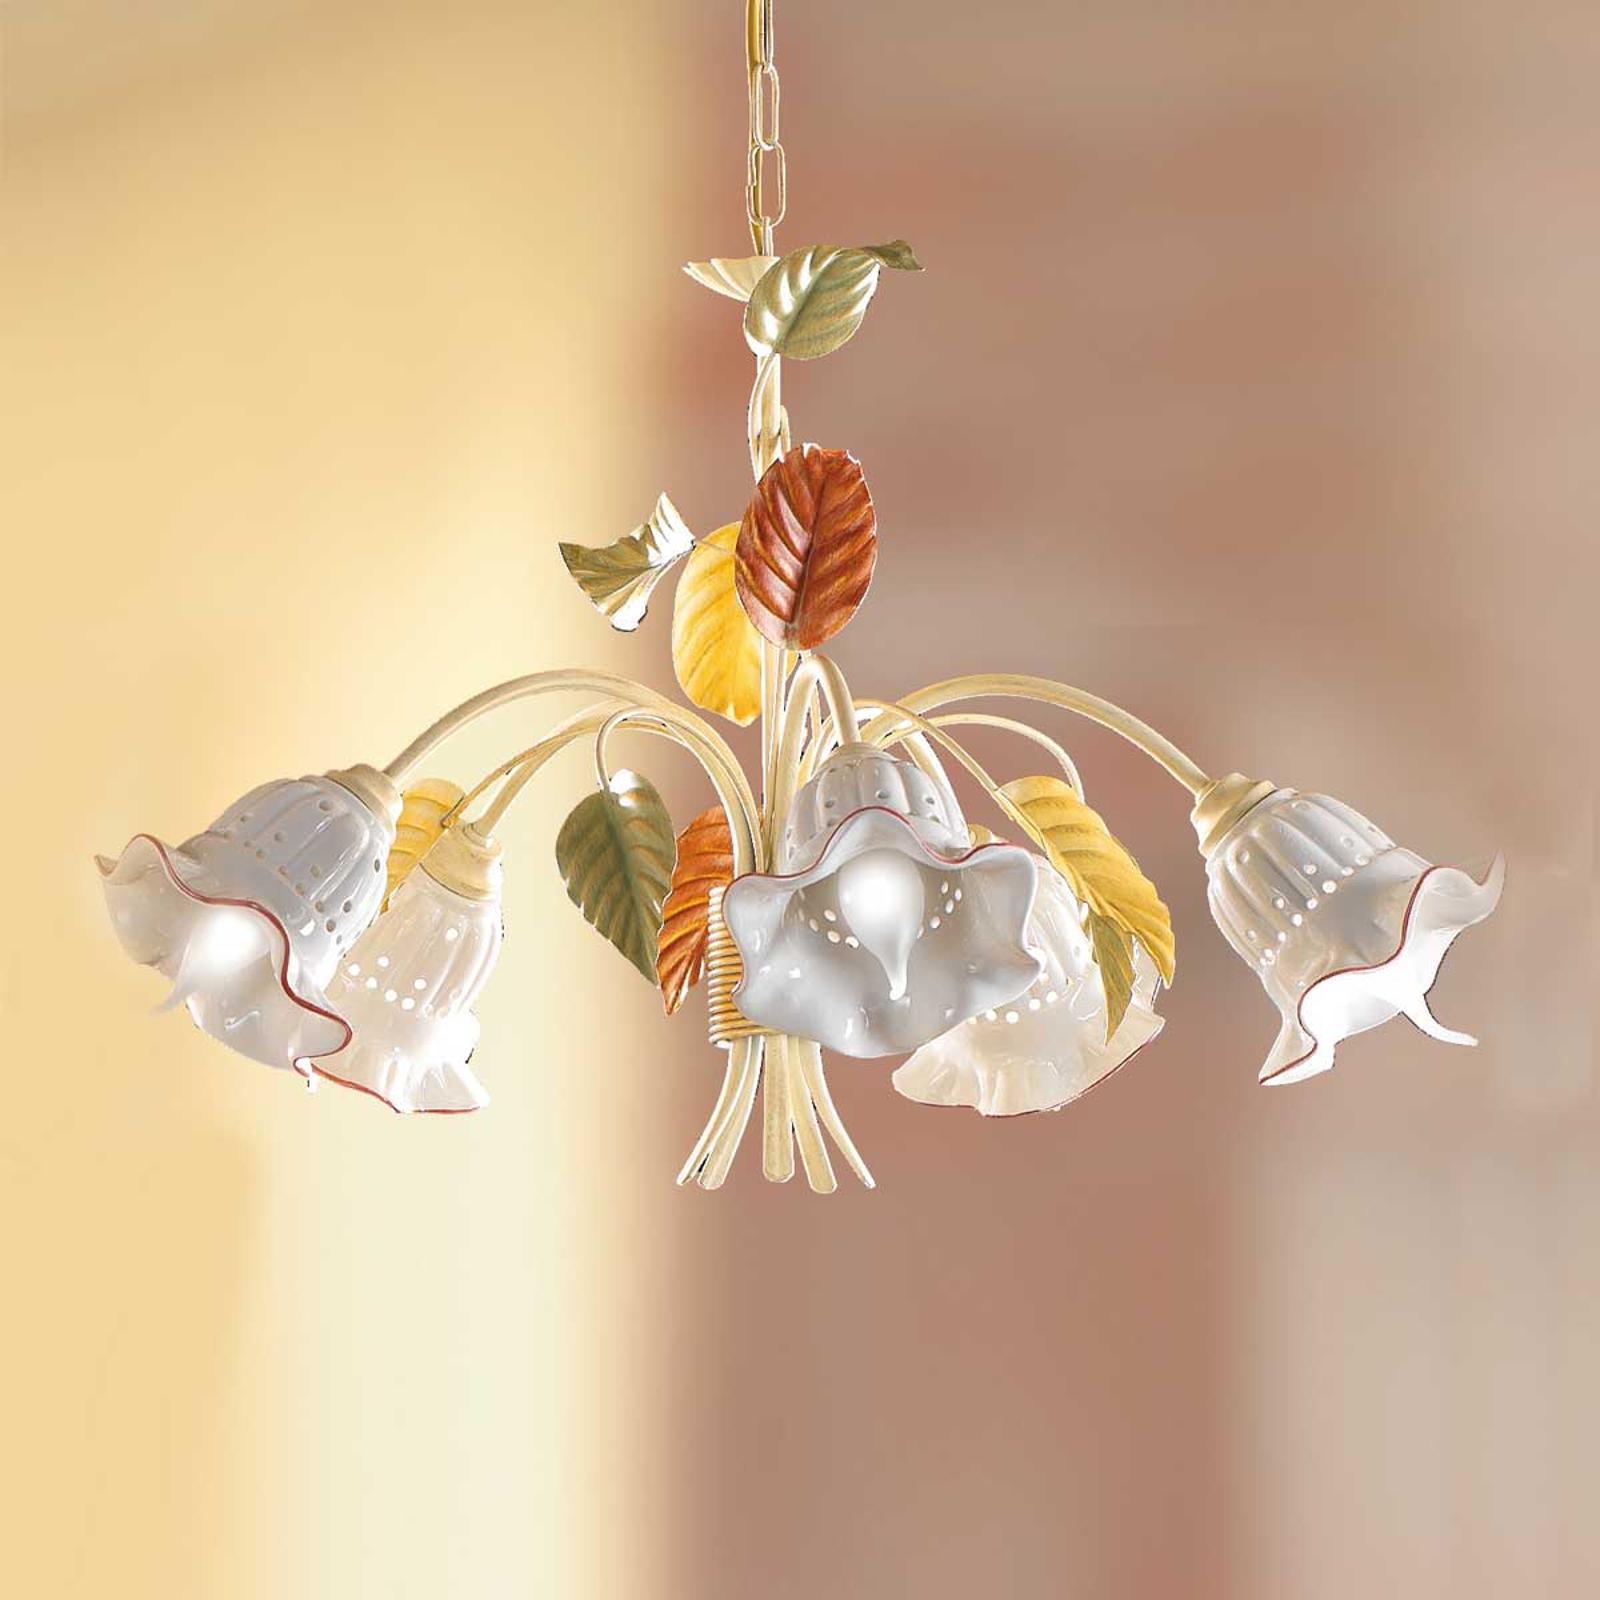 Suspension Flora de style florentin 5 lampes